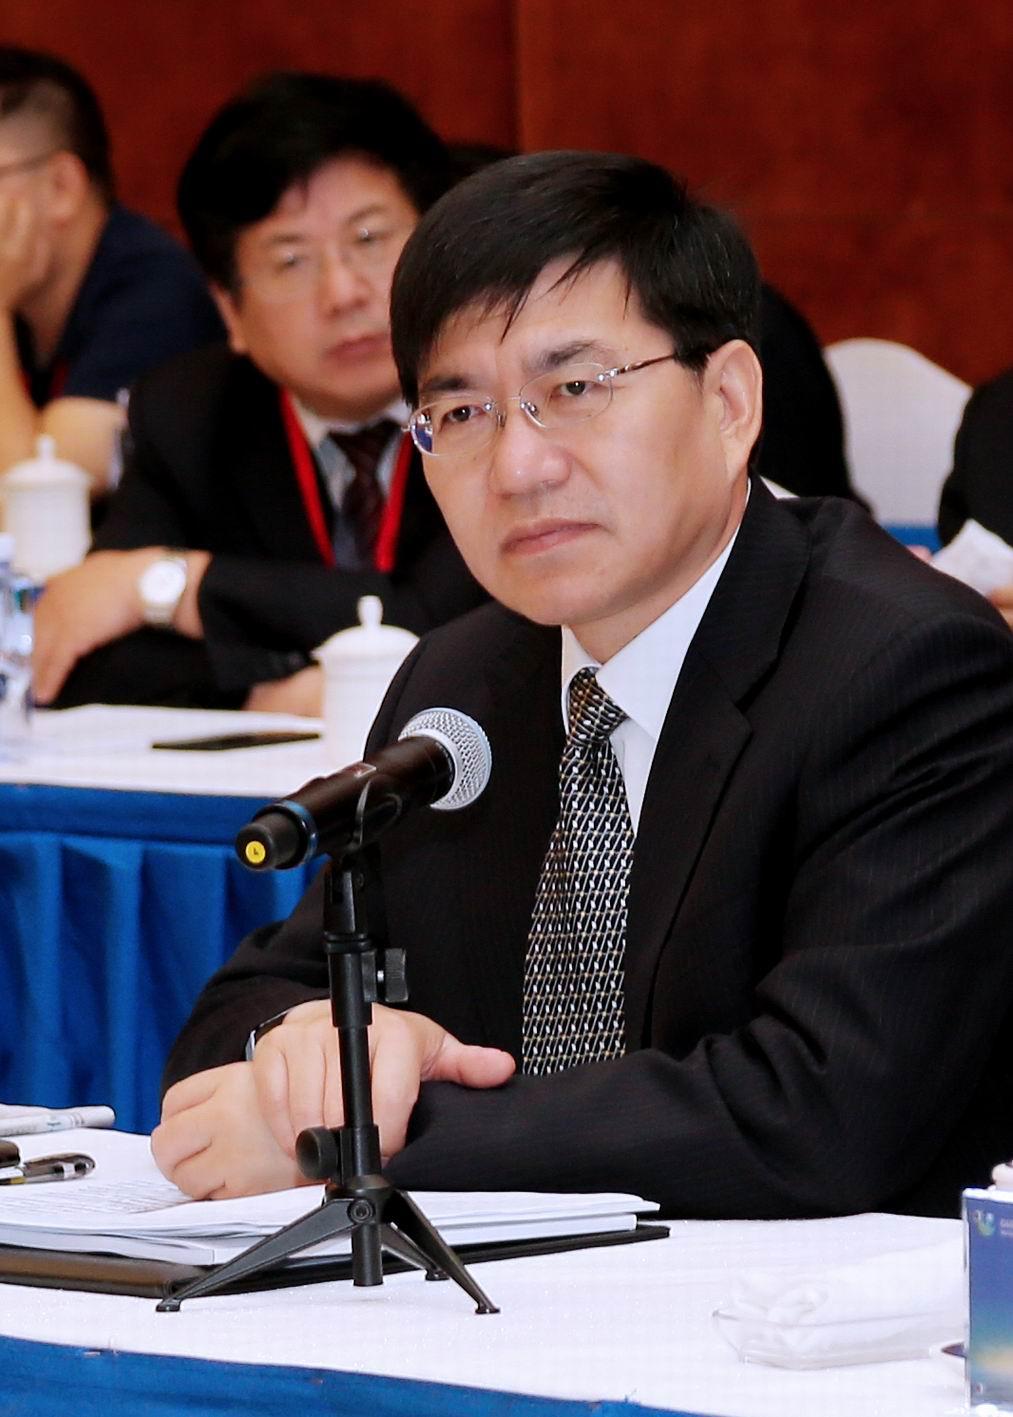 中共金华市委书记陈龙在在联席会上致辞。鲍筱兰摄